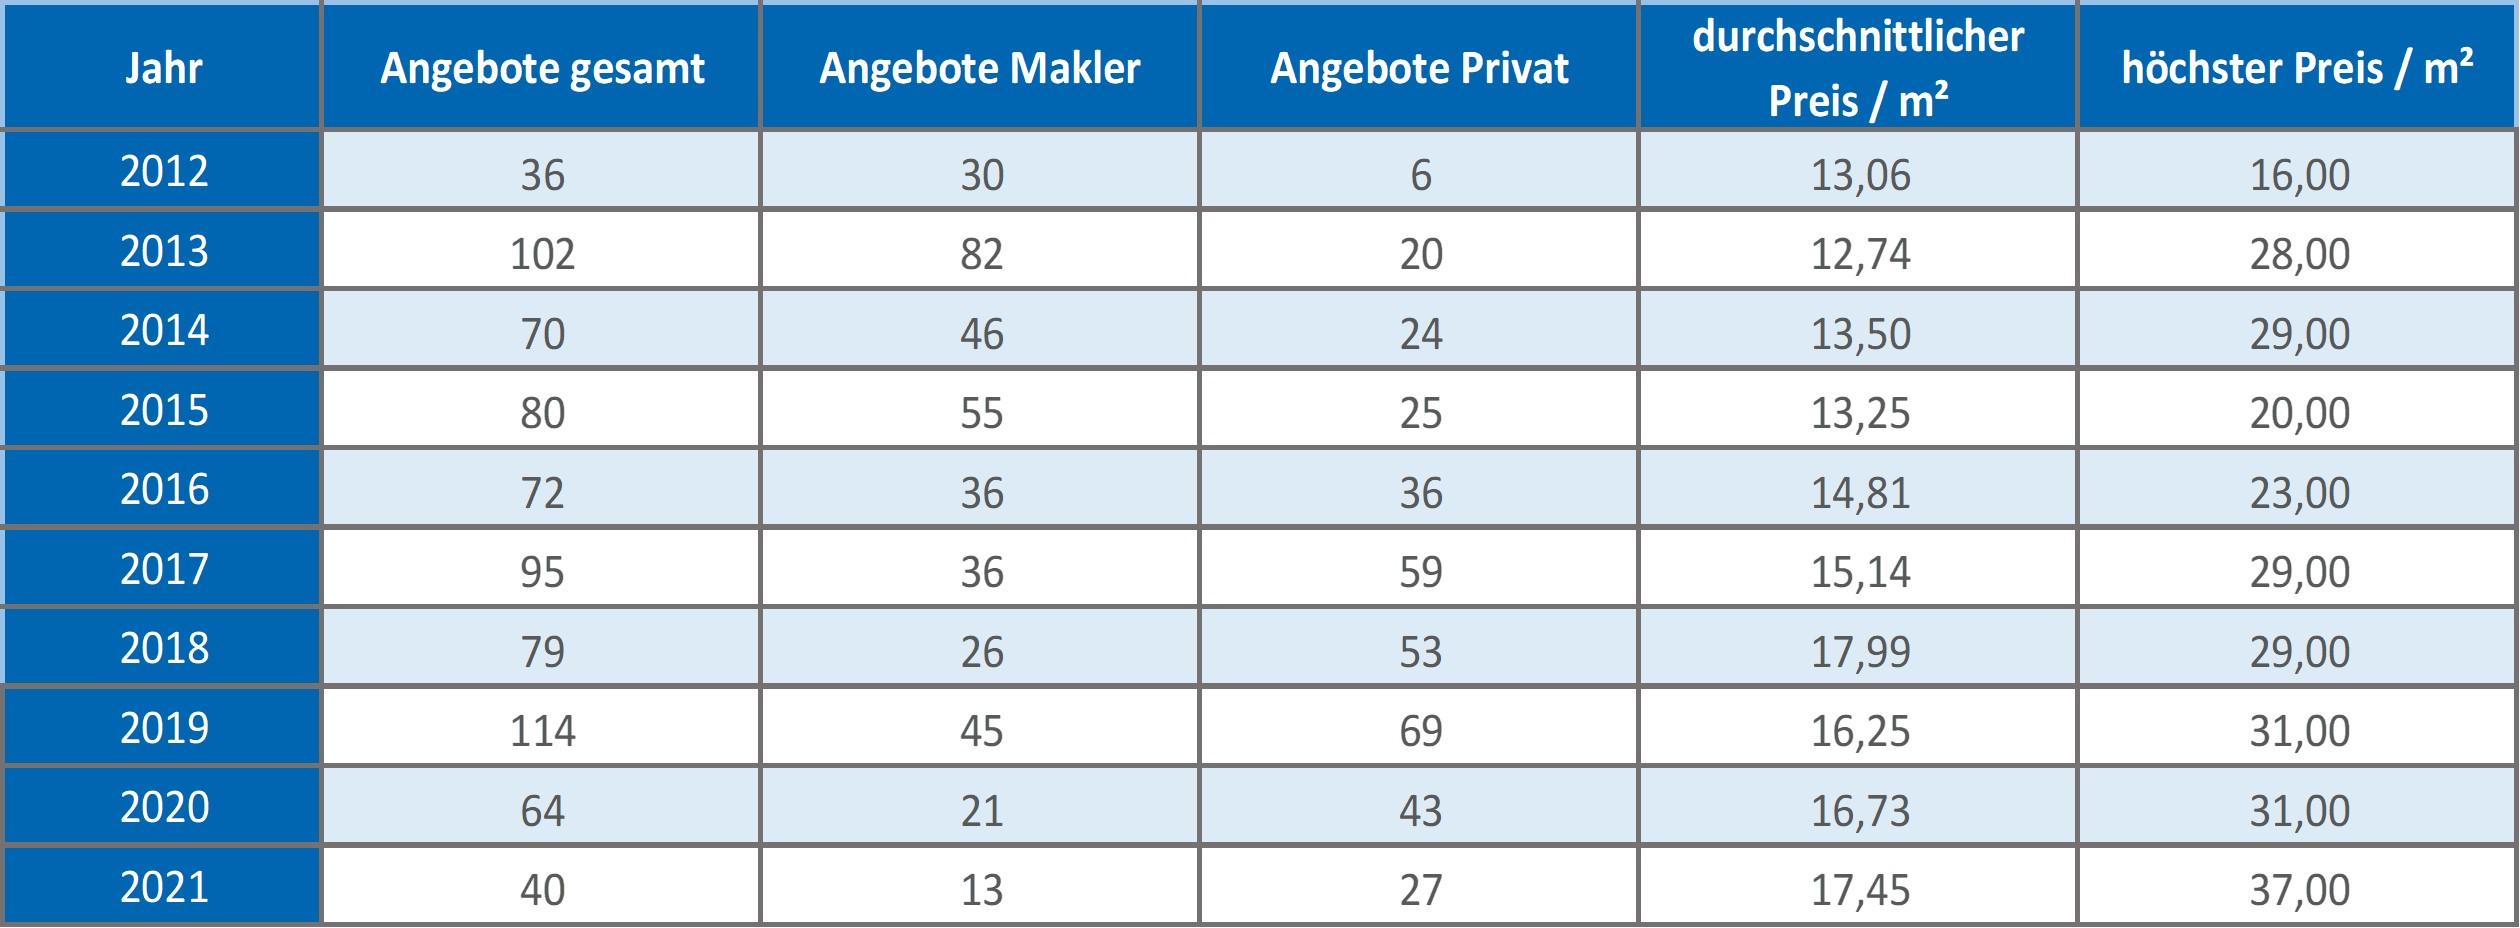 Pullach im Isartal mieten vermieten Mietvertrag qm Preis Bewertung Makler  2019 2020 2021 www.happy-immo.de